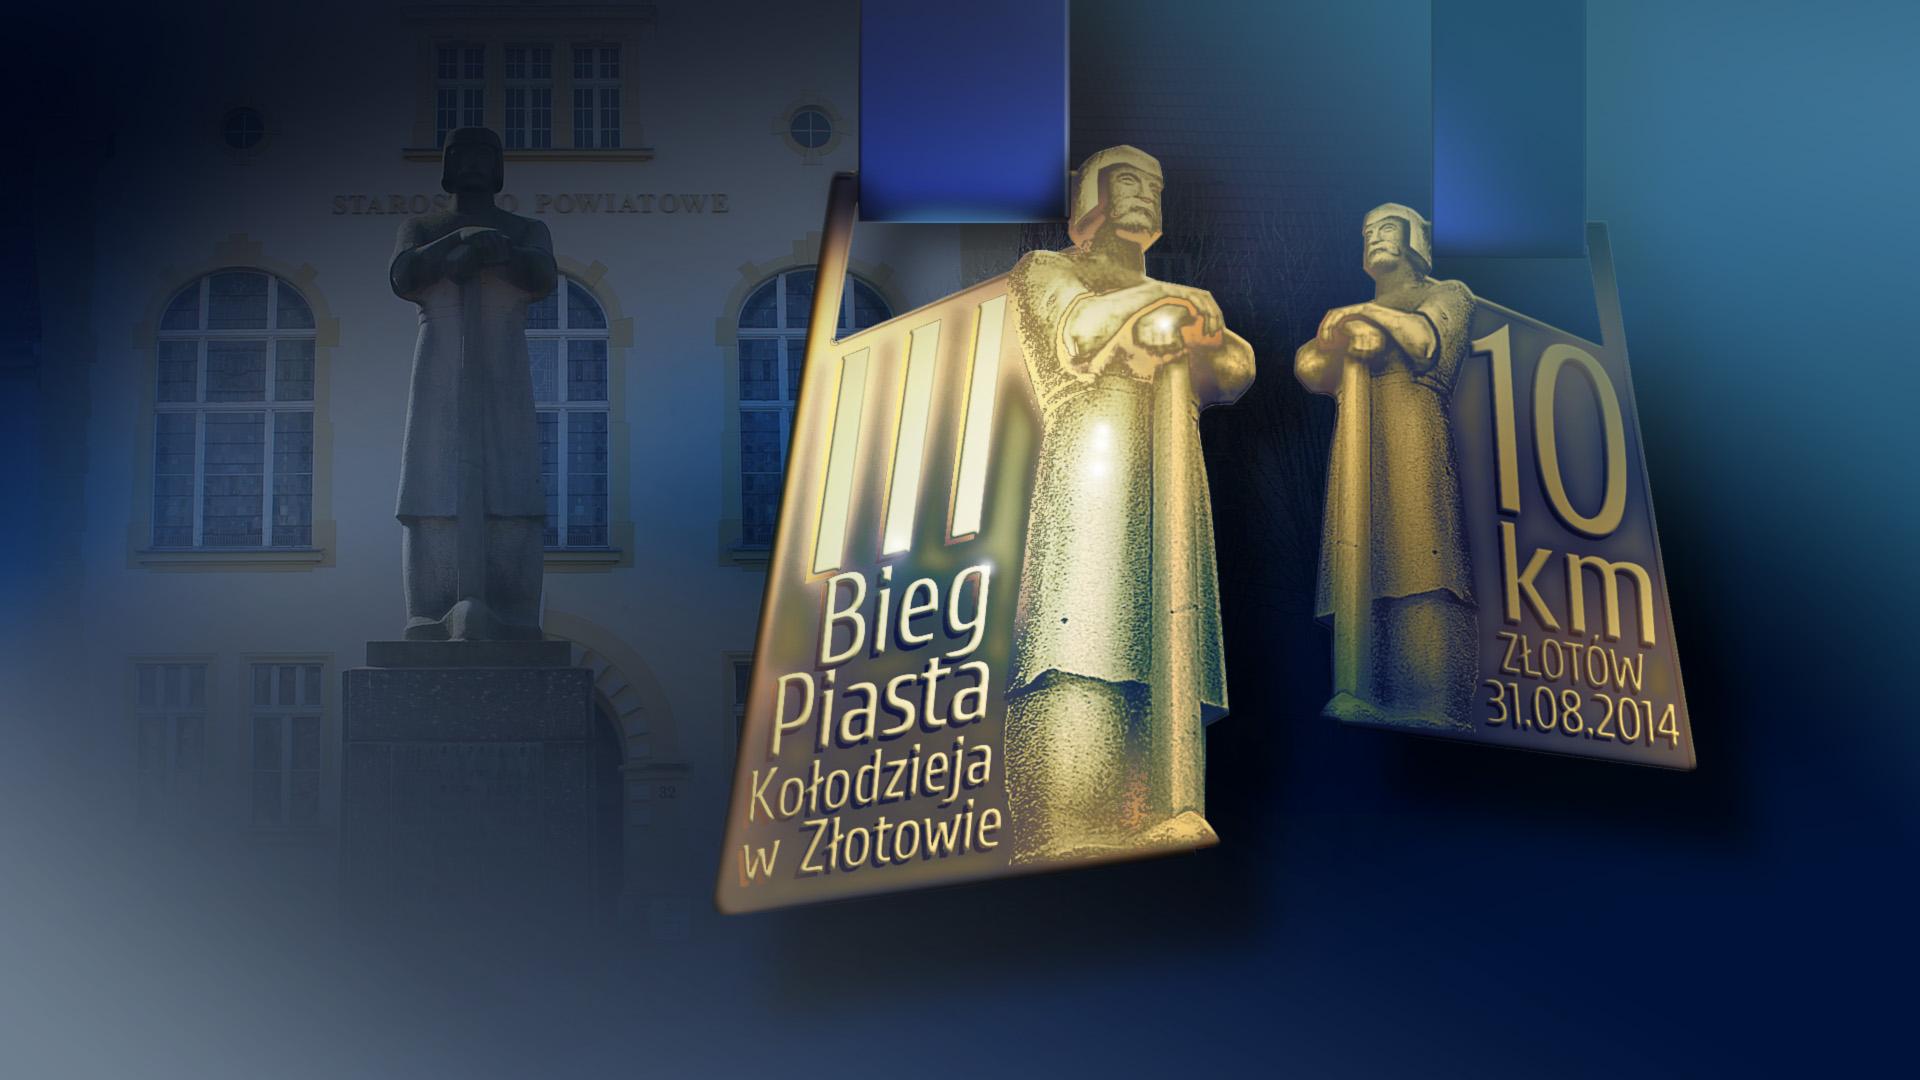 bieg_piasta_kolodzieja